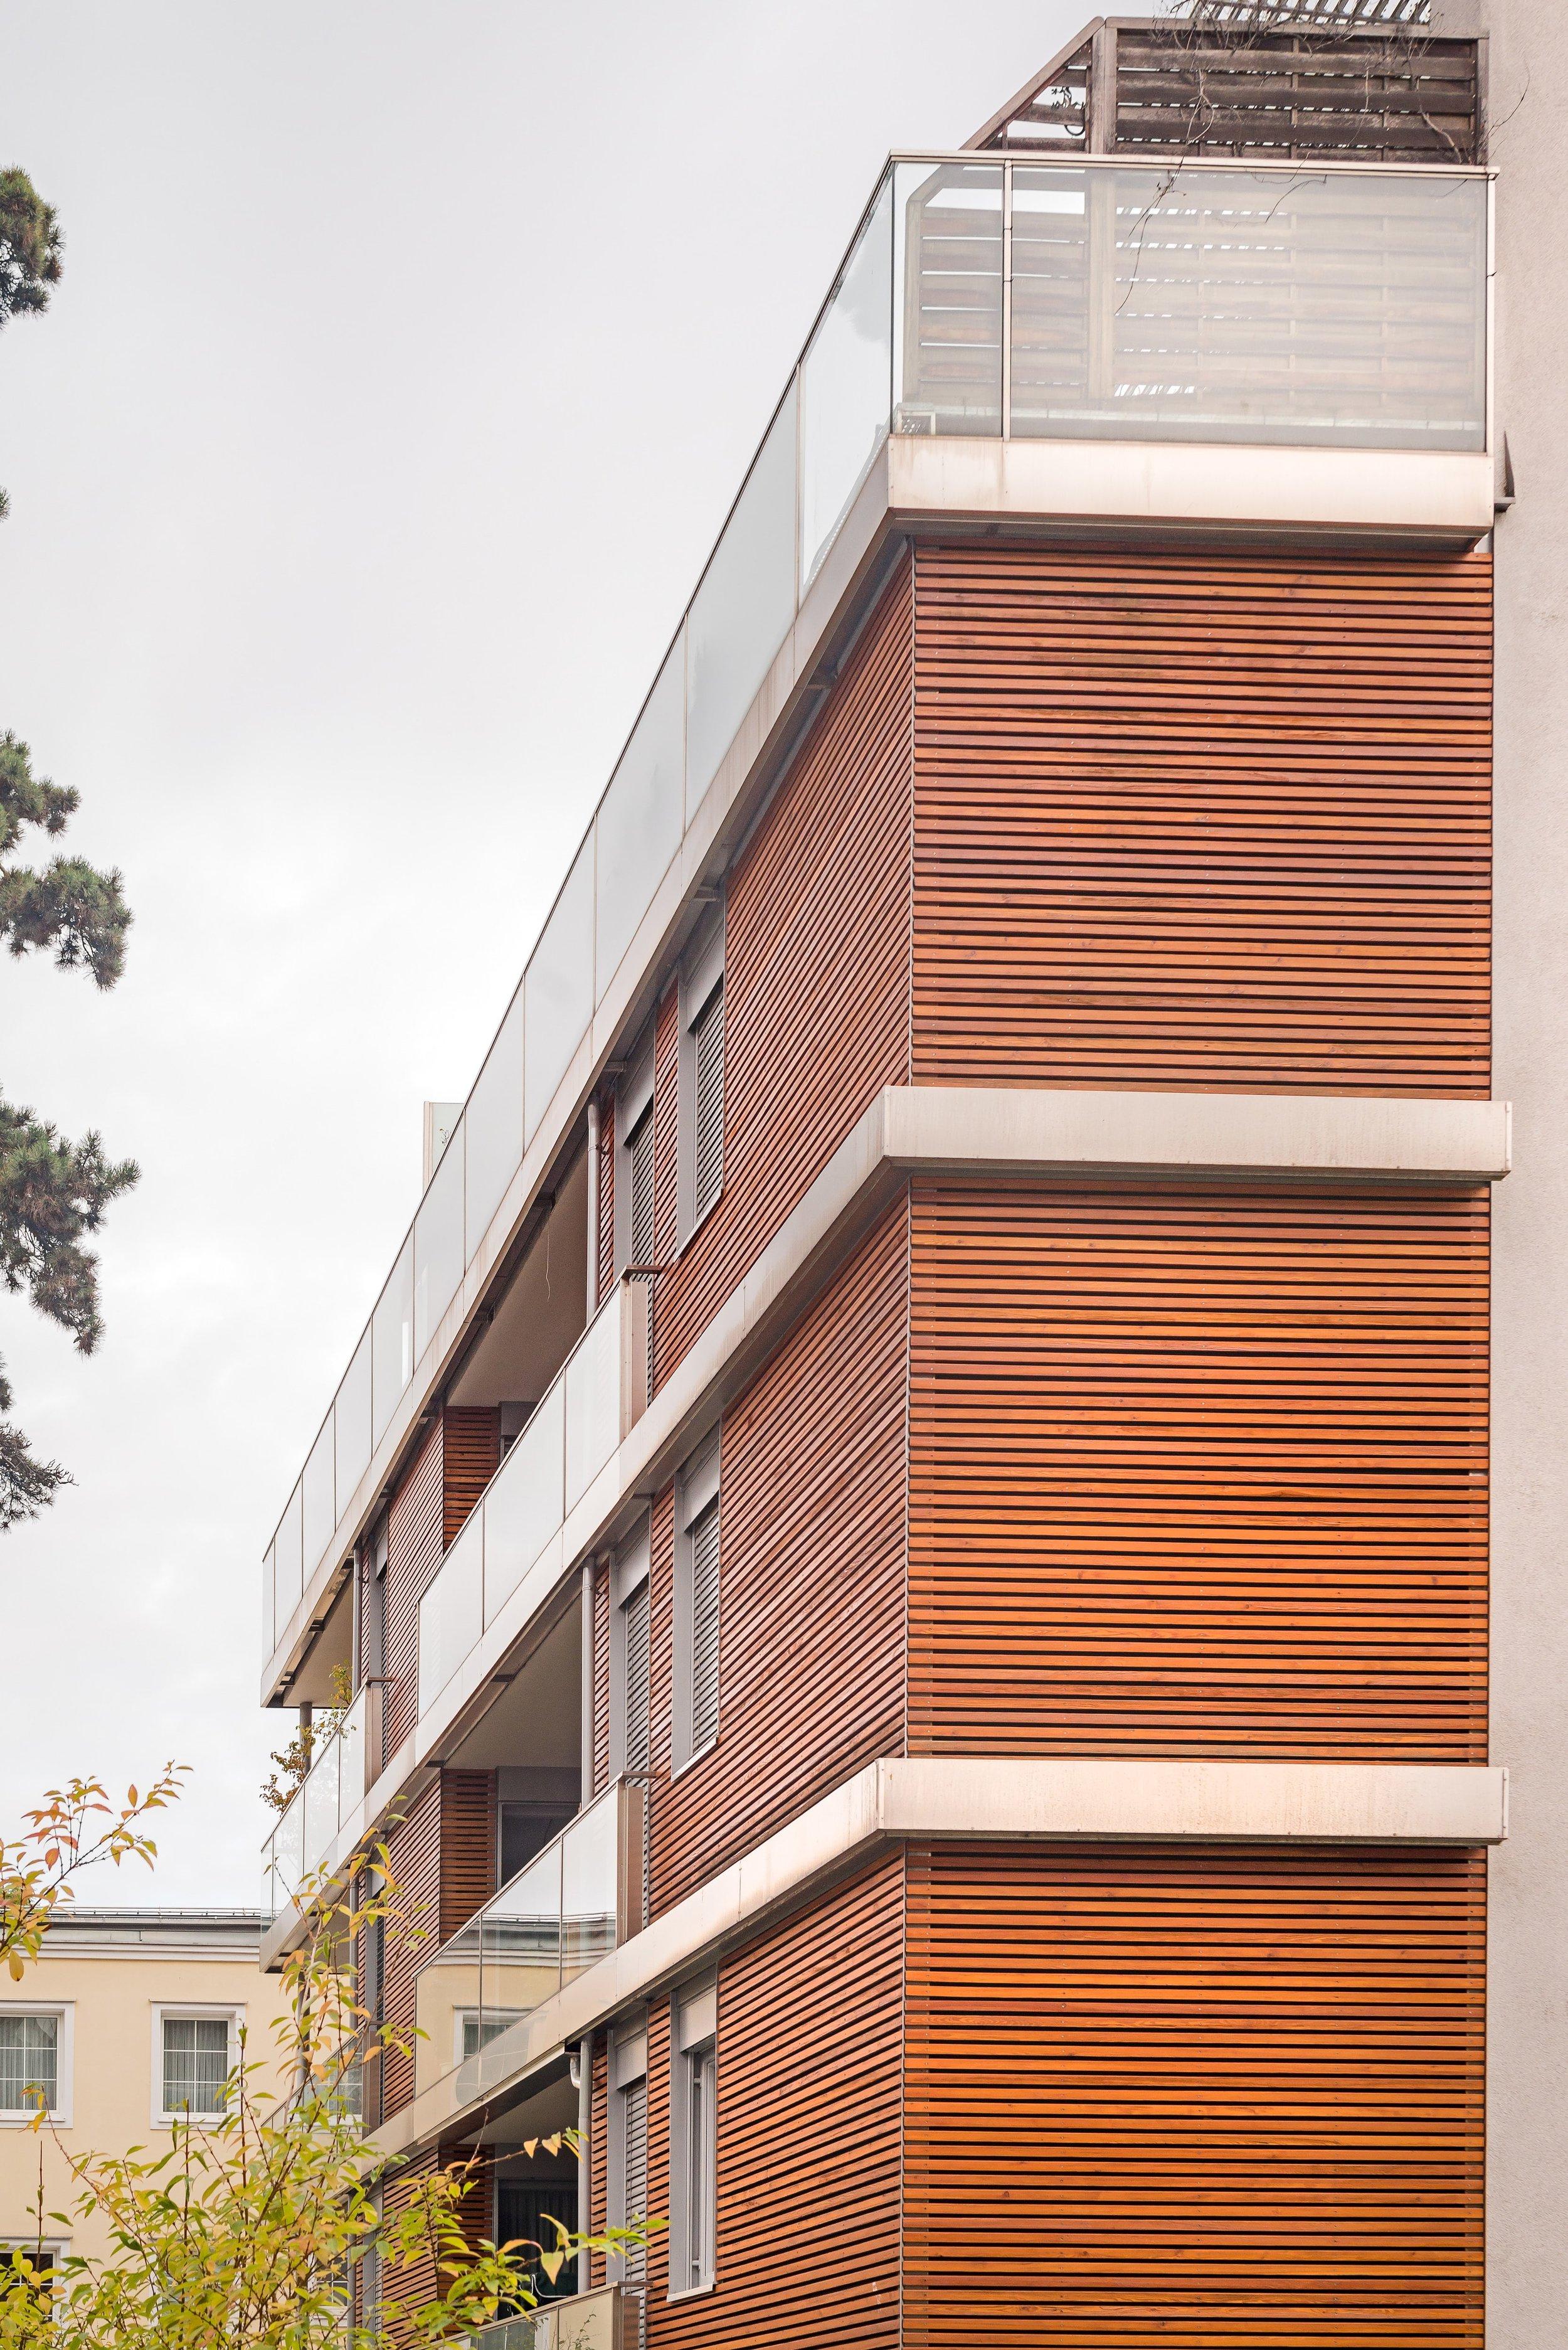 1130_Aufhofstrasse8_8059431_5000px_Wohnhaus.jpg